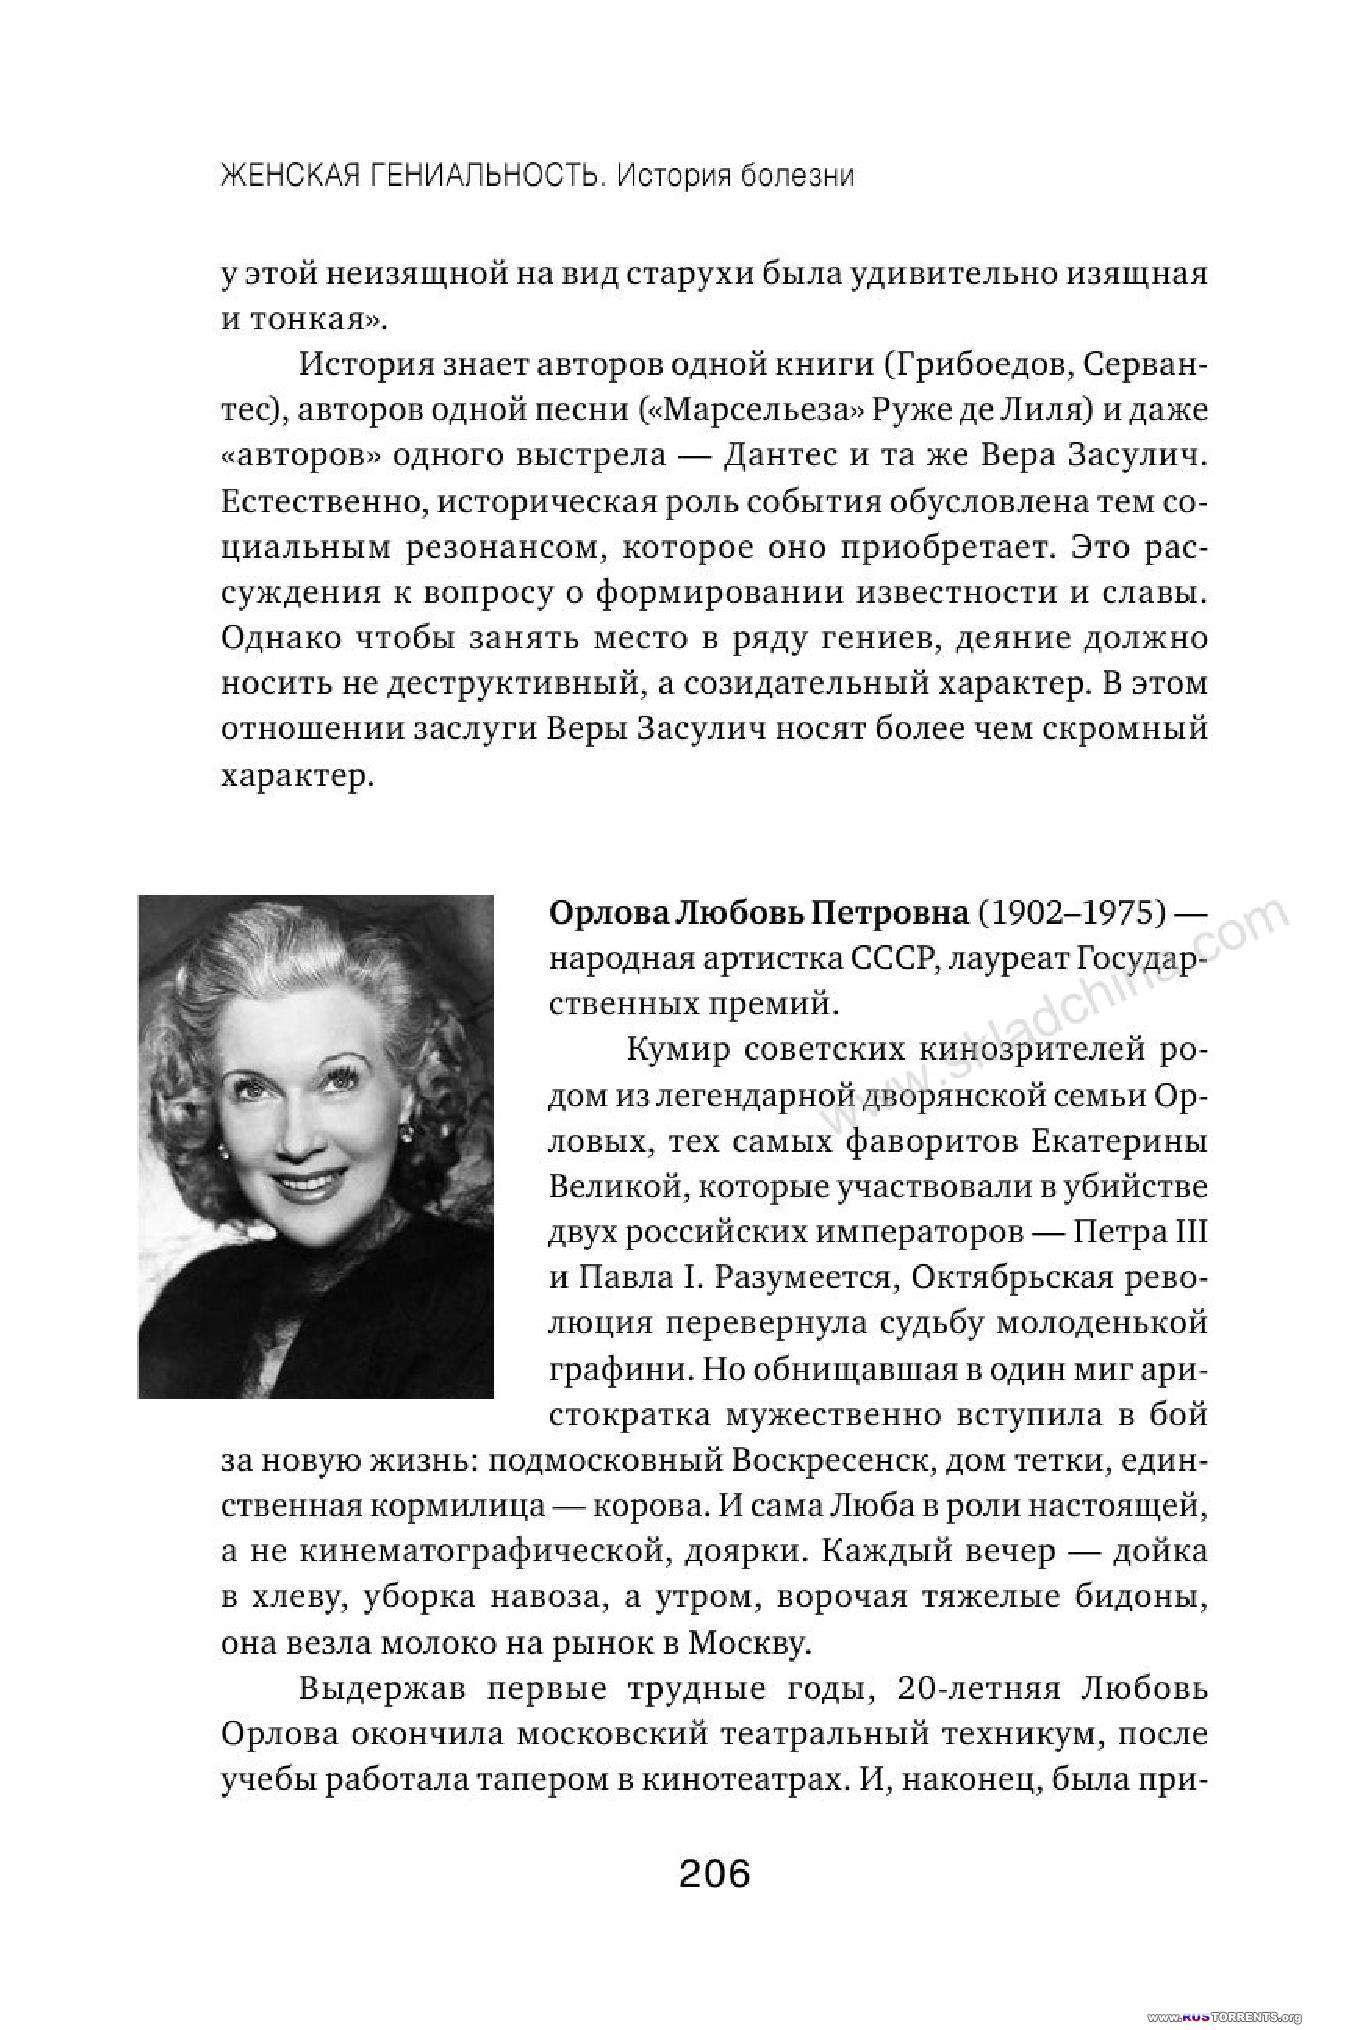 Александр Шувалов | Женская гениальность: история болезни